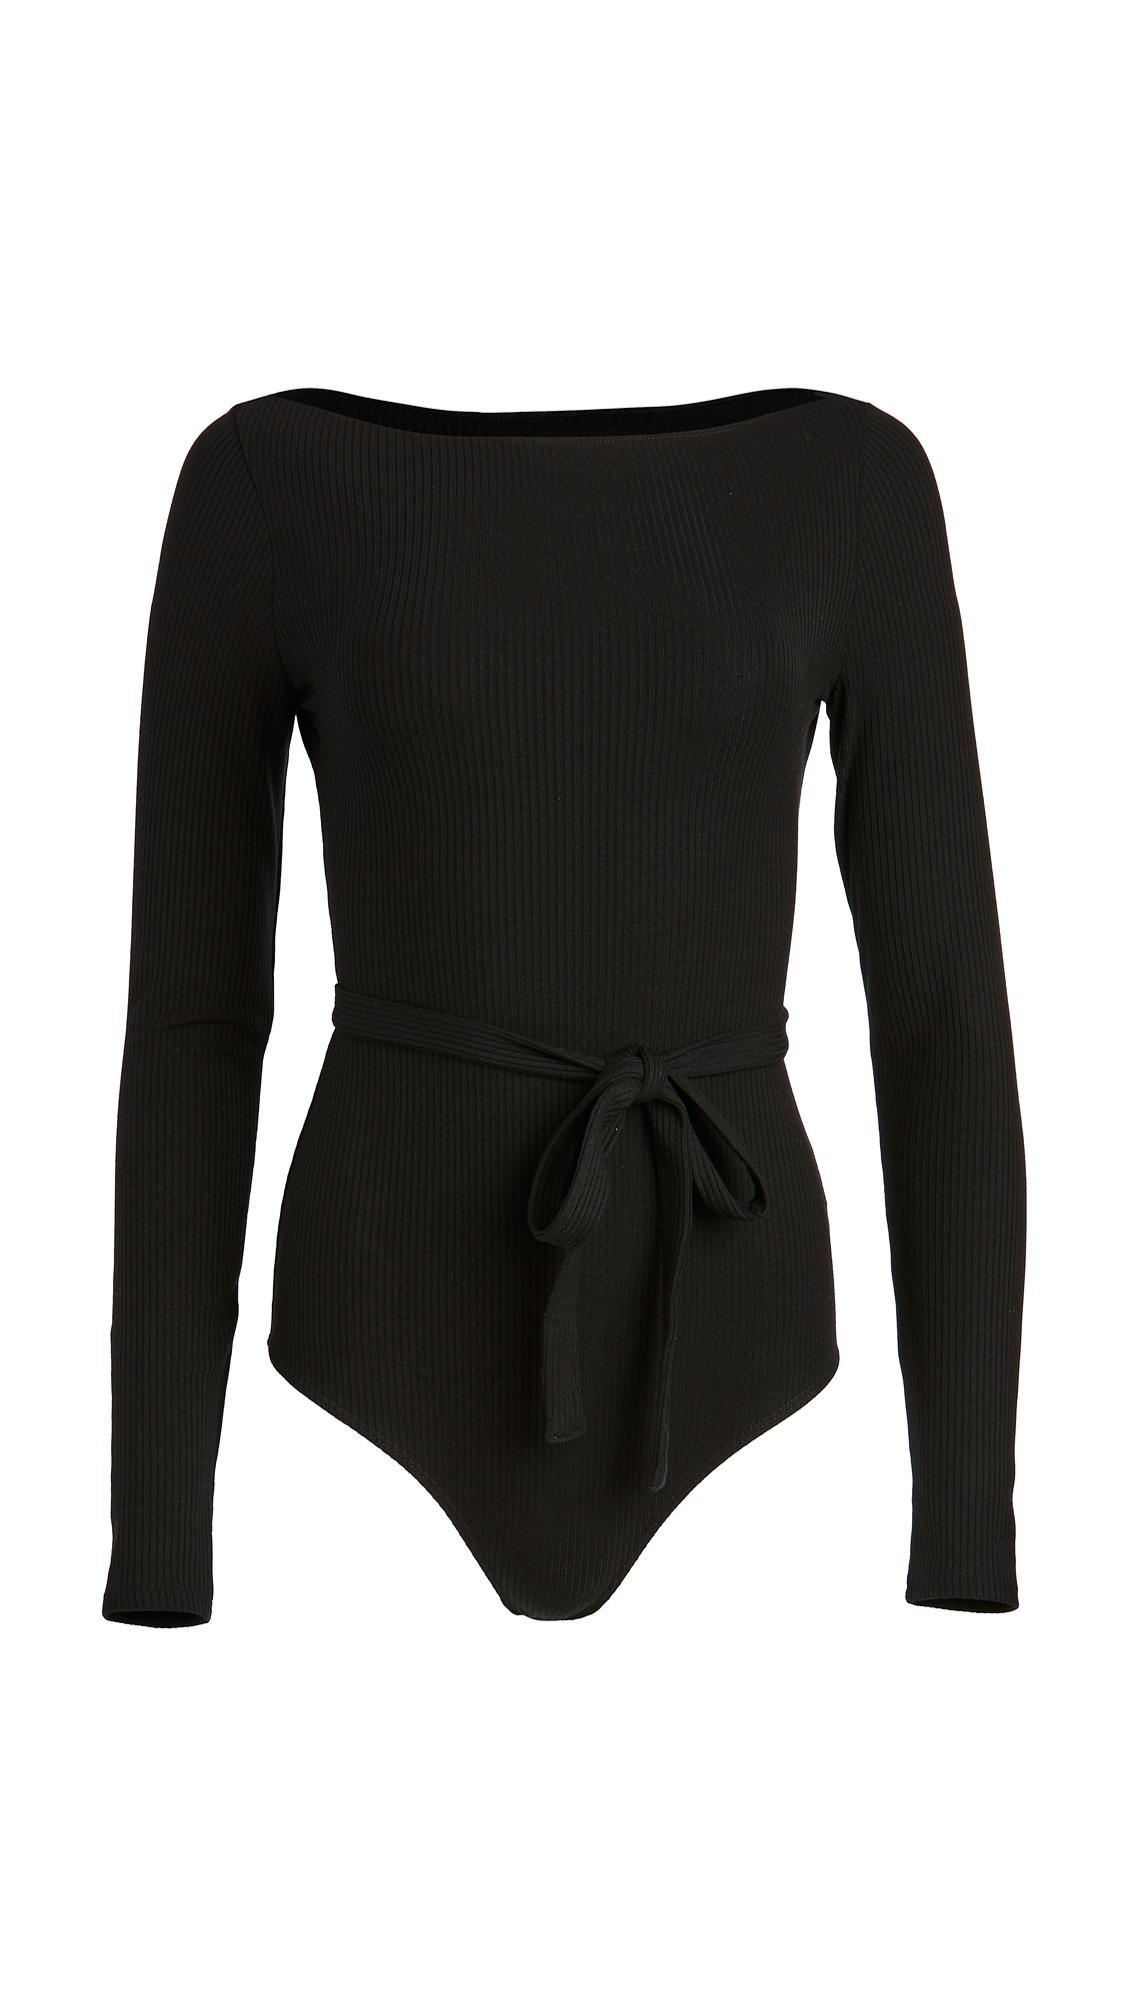 Reformation Soph Bodysuit